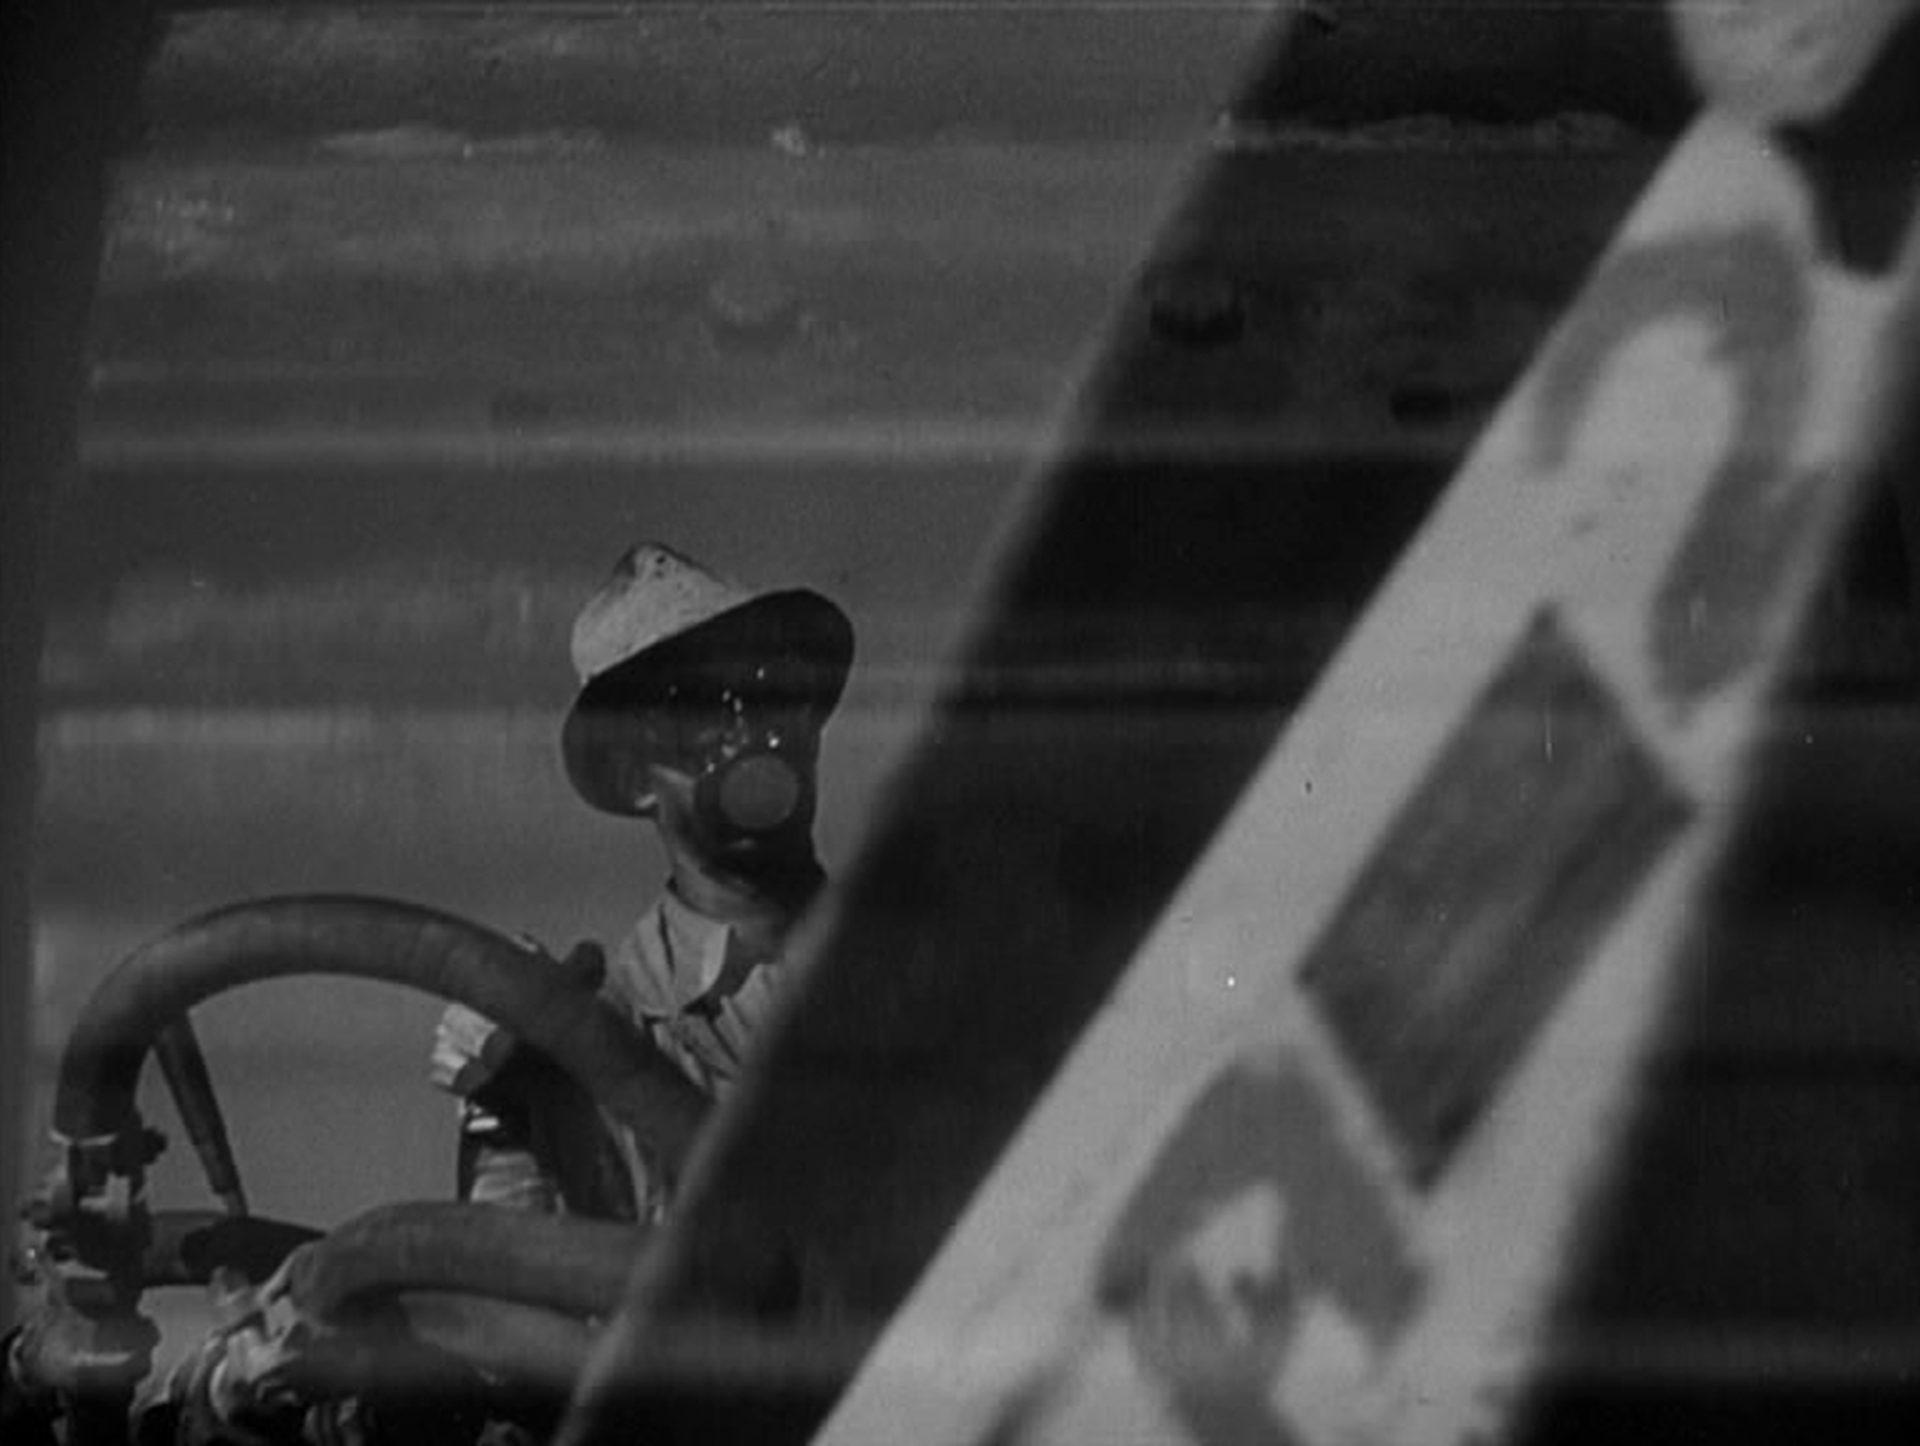 Nahaufnahme eines Bulldozer-Fahrers mit maskiertem Gesicht.